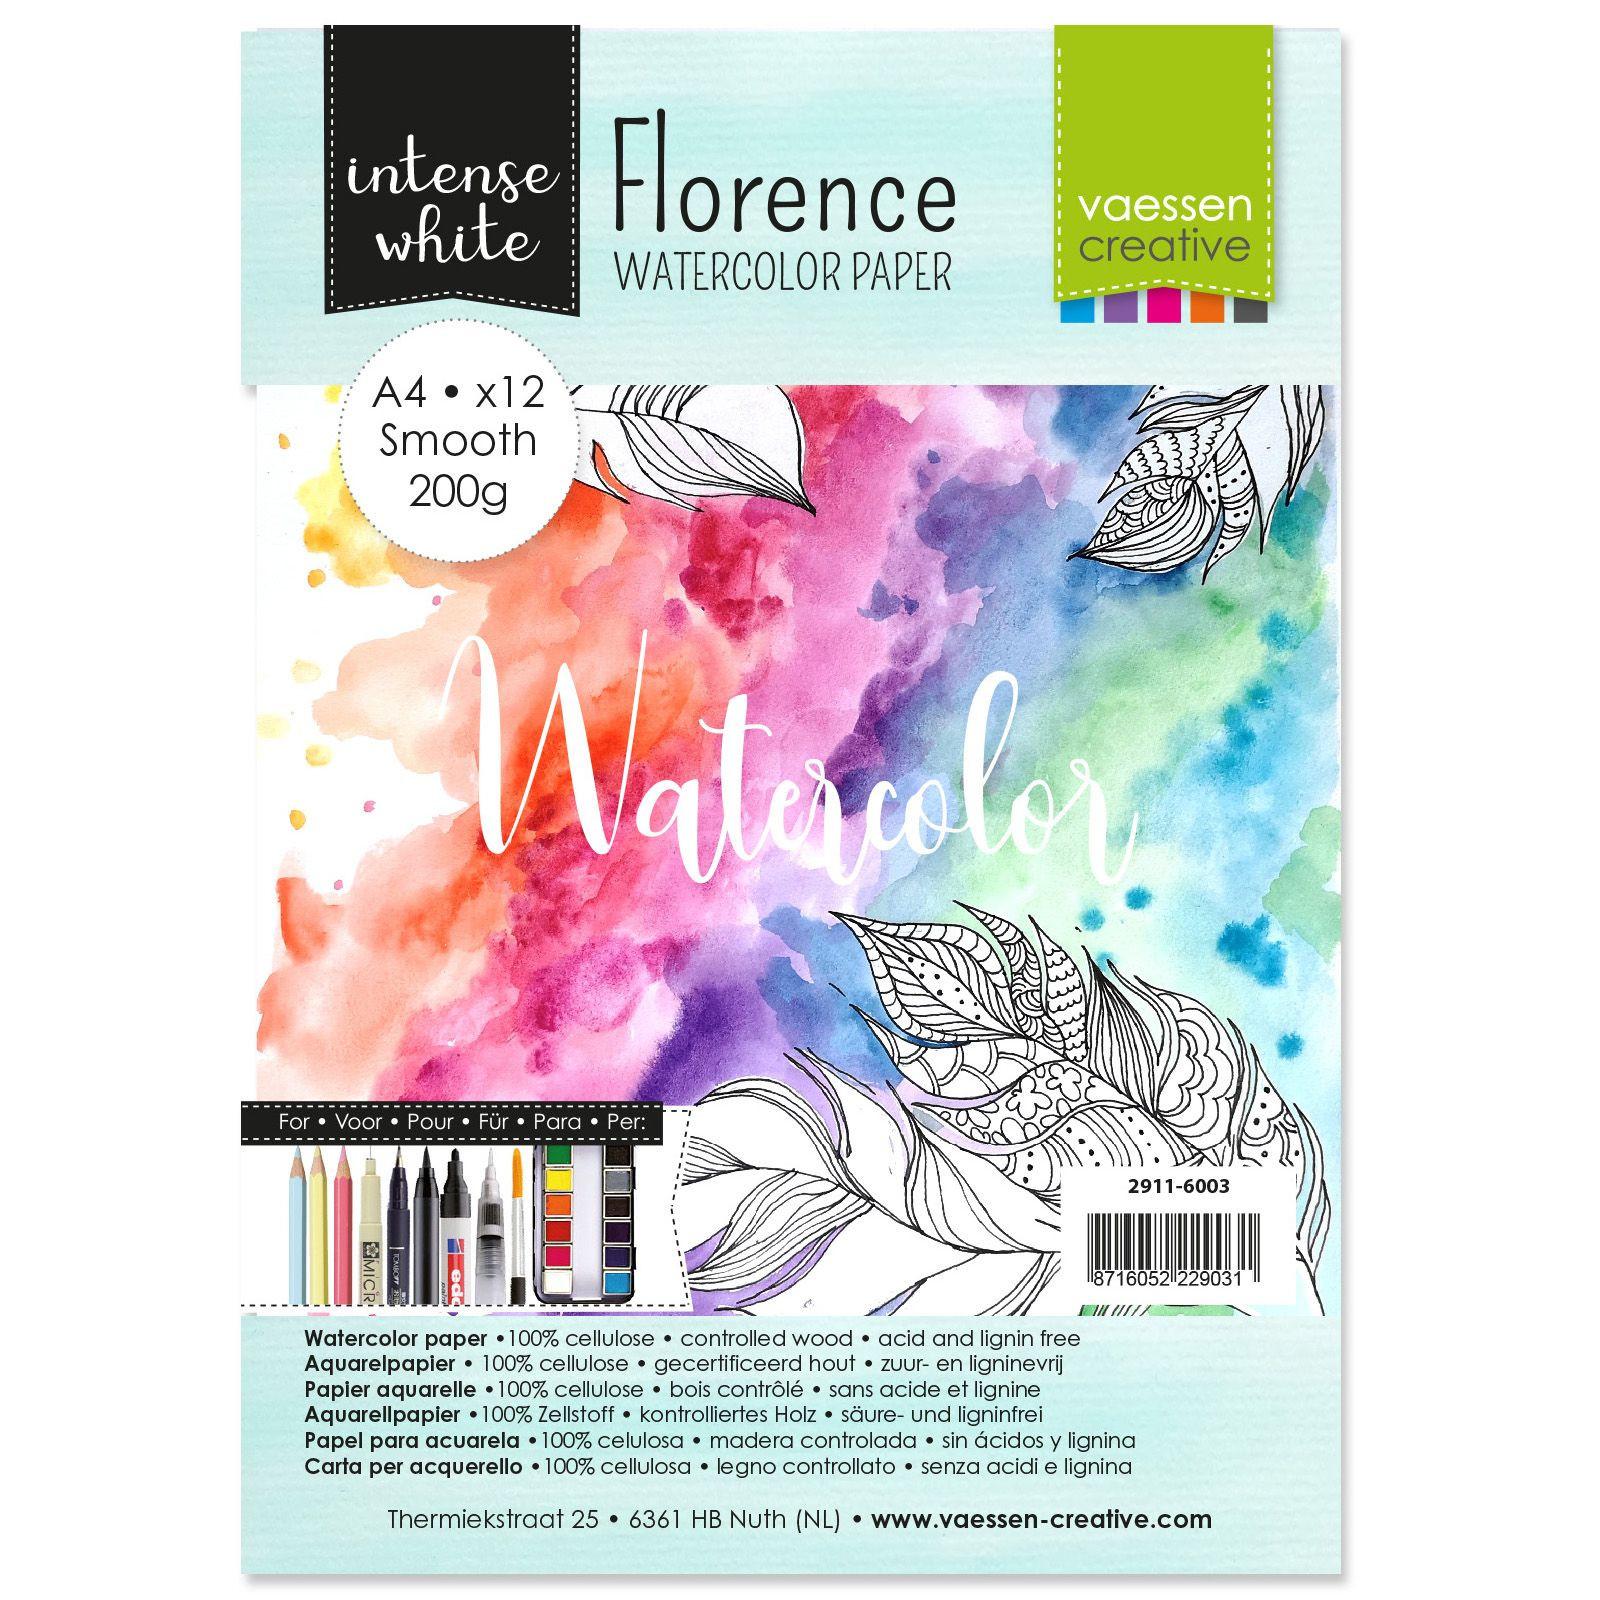 Florence - A4-es Intense White akvarell papír szett 200g - 12 db sima felületű